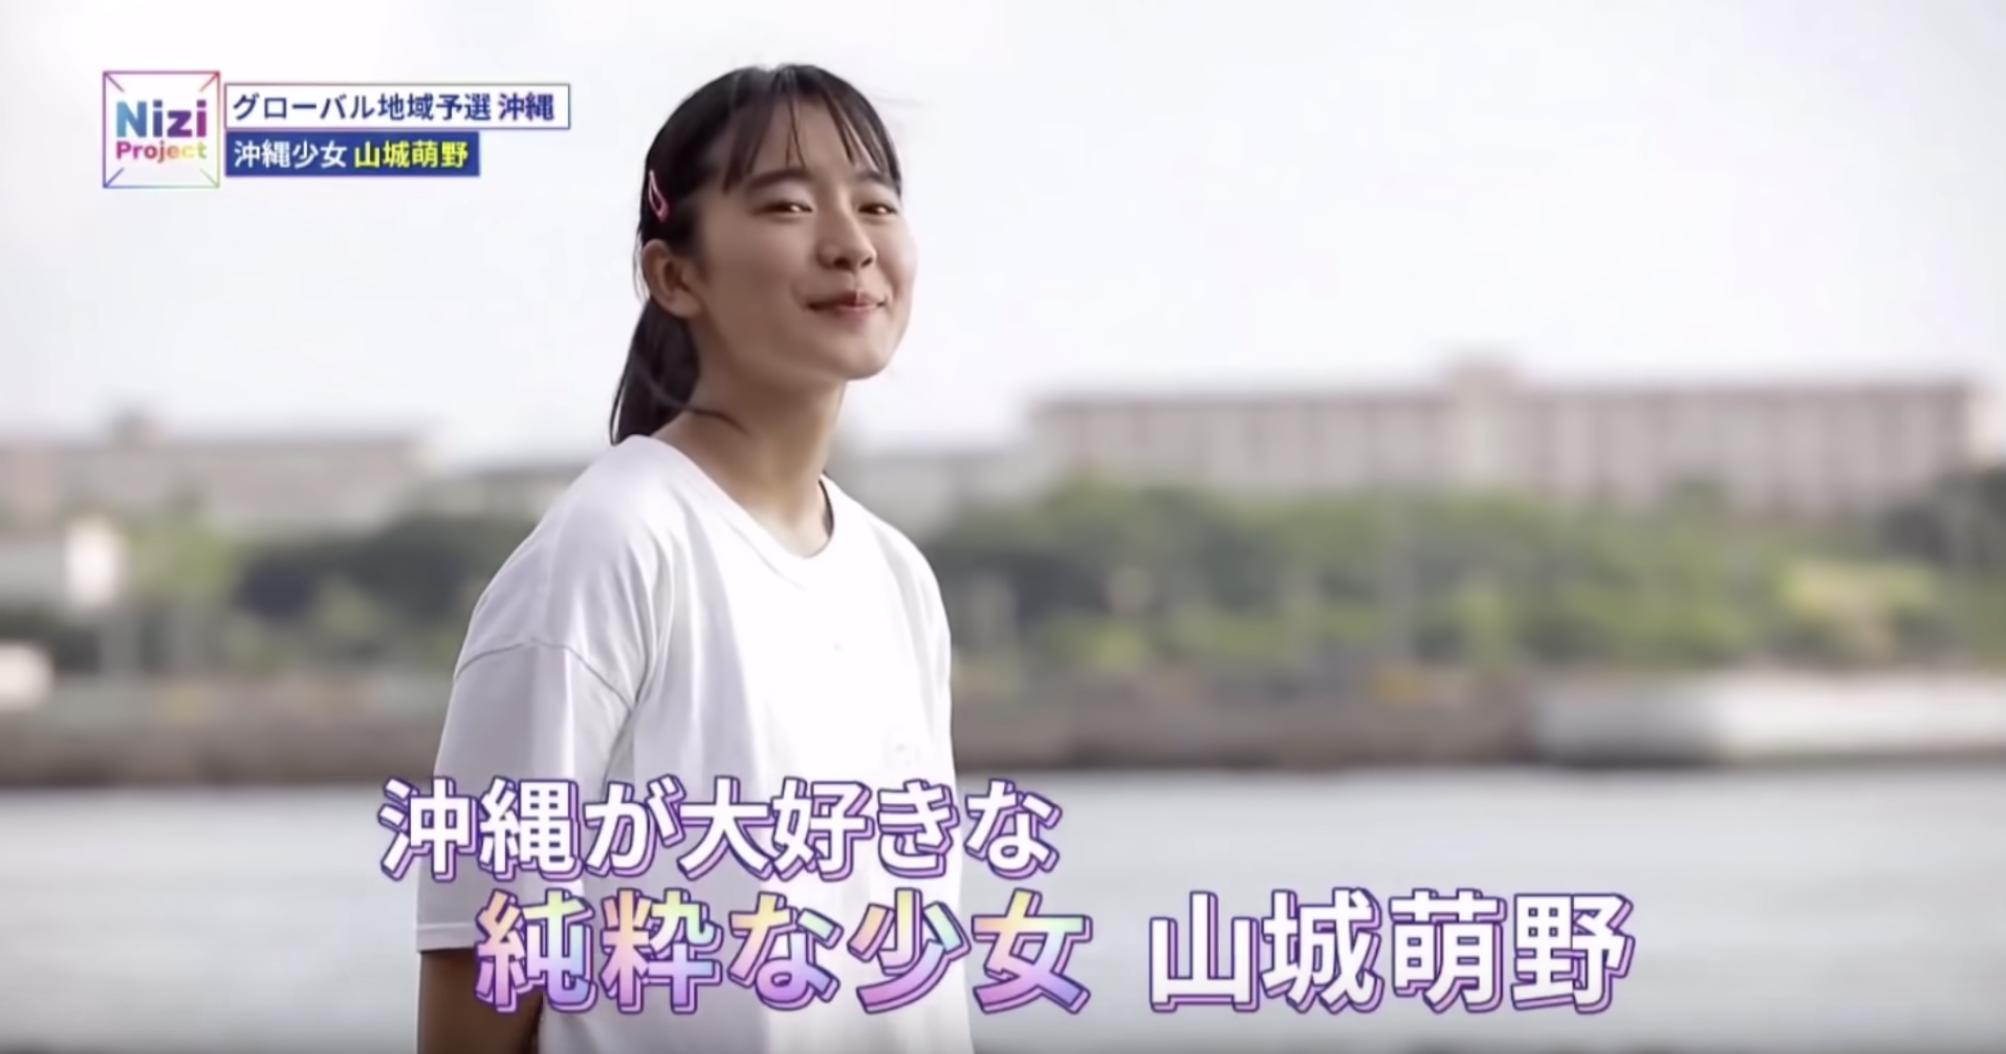 「Nizi project」山城萌野のプロフィールと経歴!IZ*ONEユジンに似ていると話題!